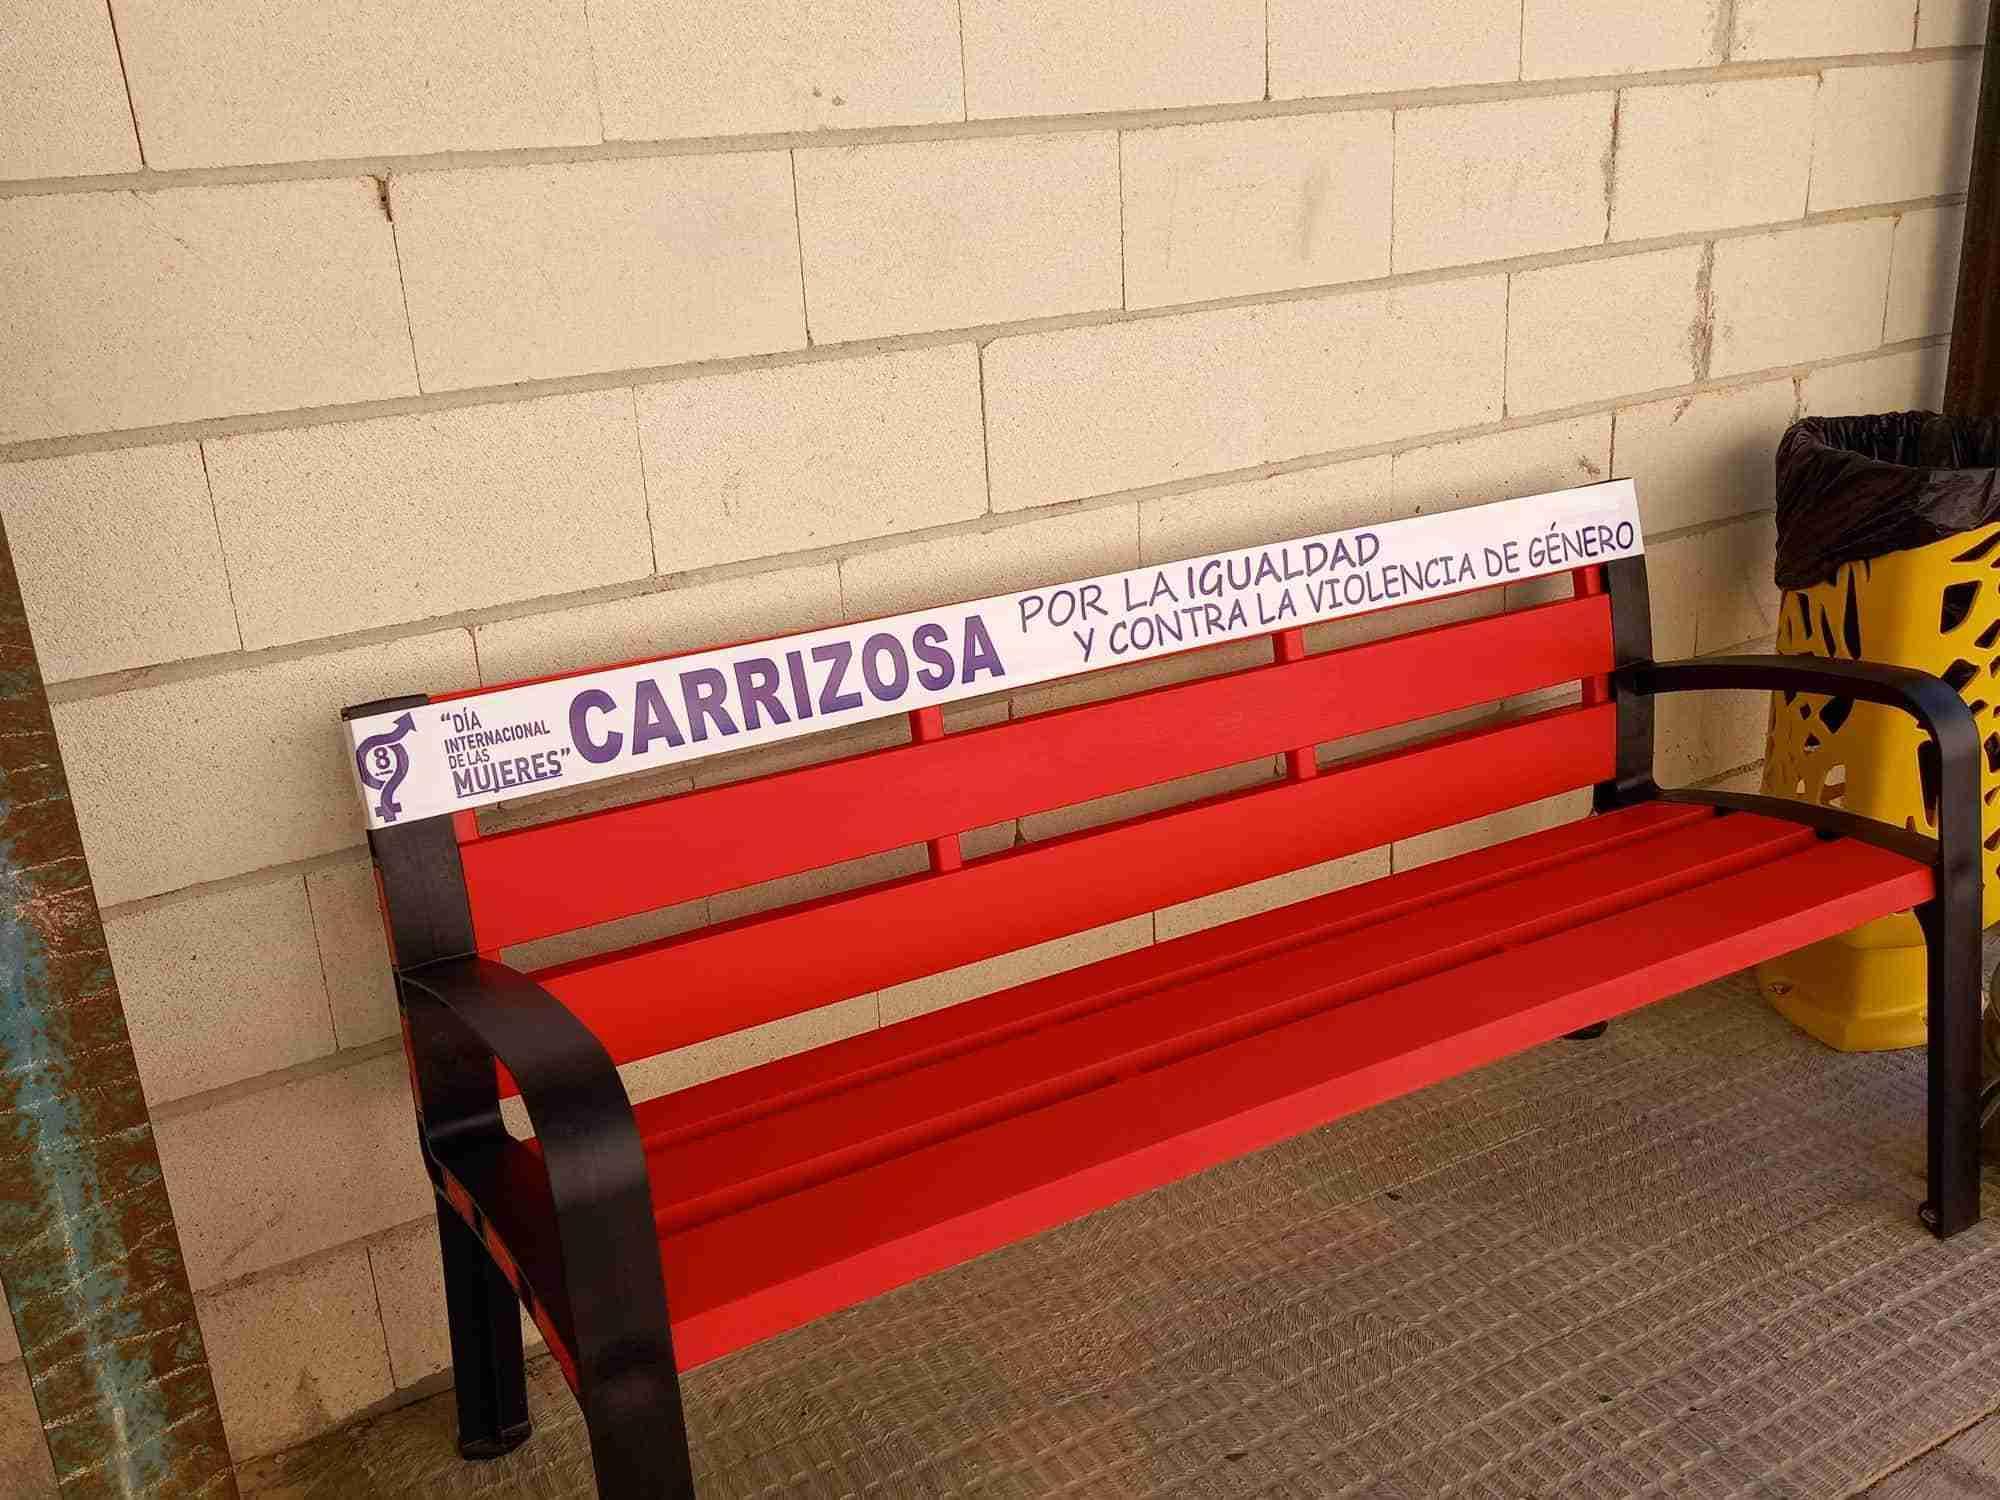 Graffiti , bancos y papeleras por la igualdad en Carrizosa 3